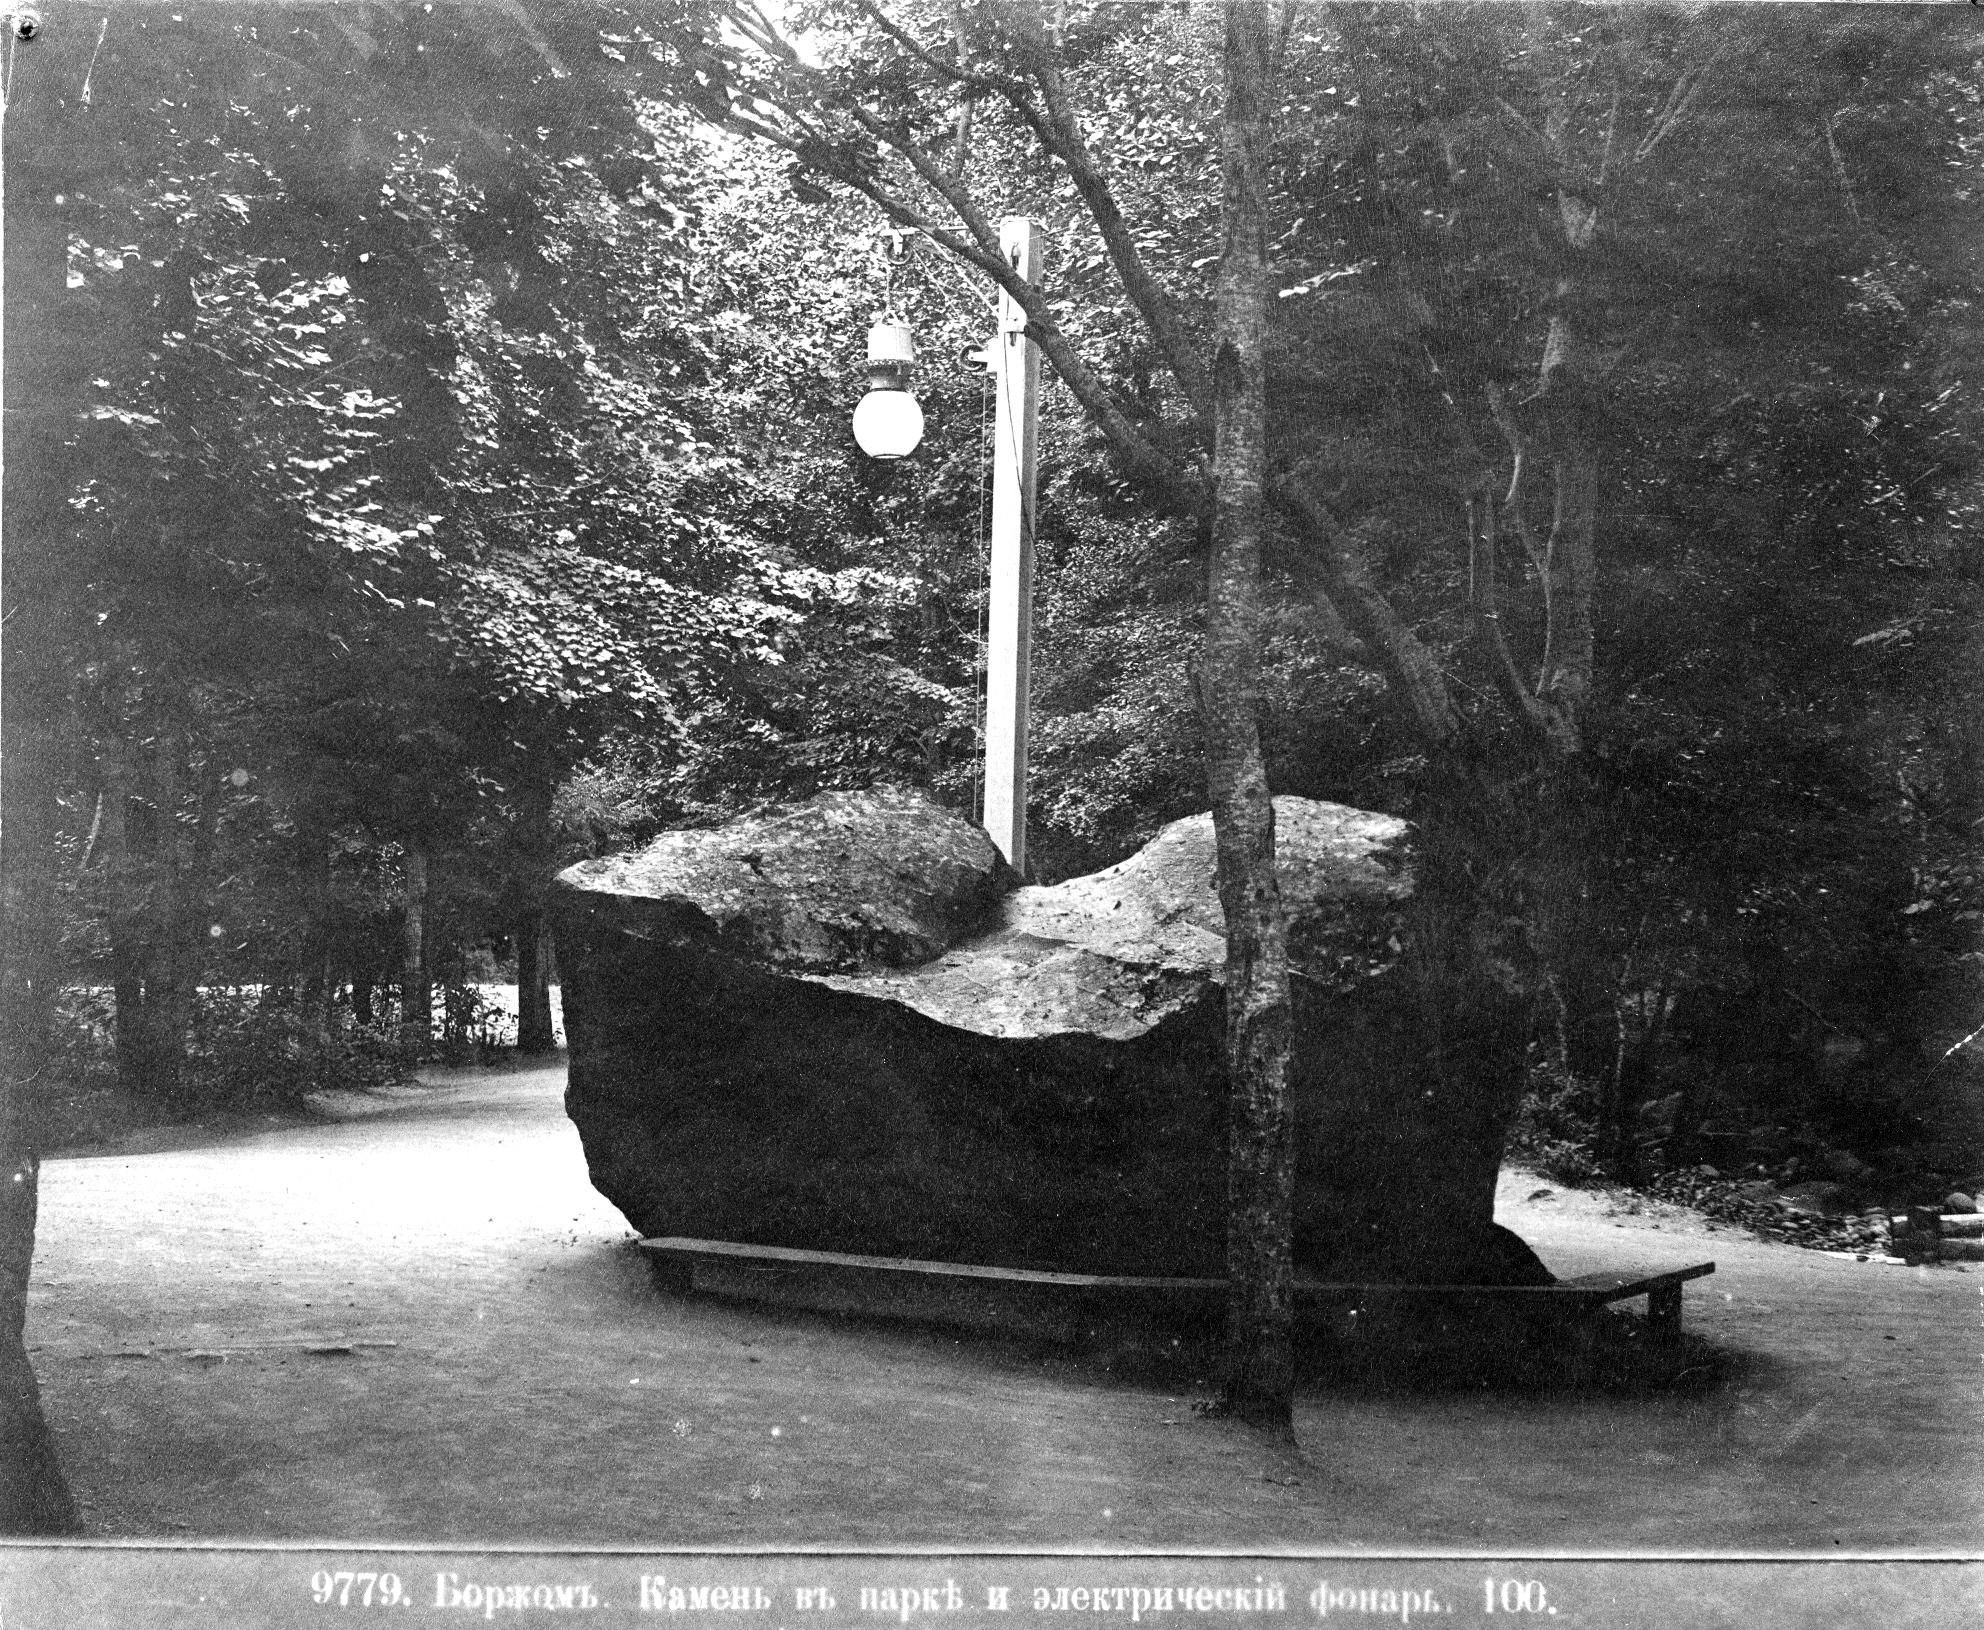 Камень в парке и электрический фонарь